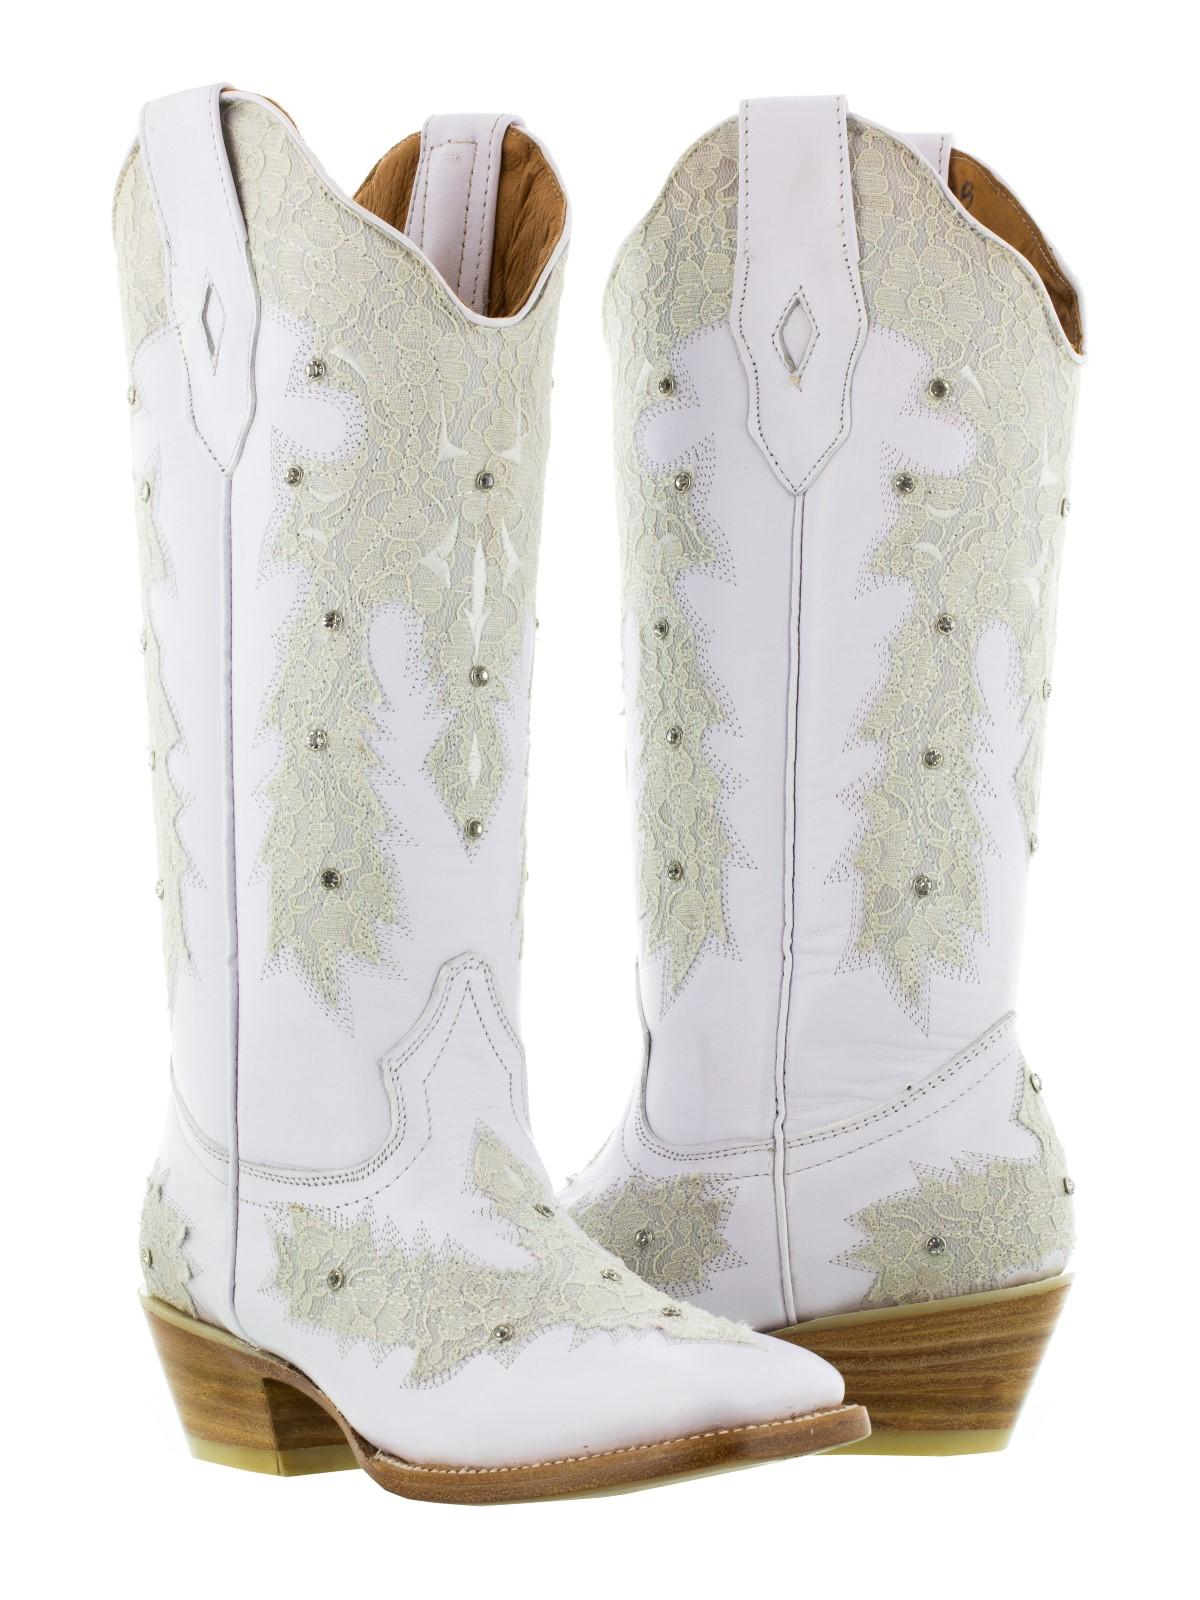 womens white leather western wear wedding cowboy boots rhinestones ...